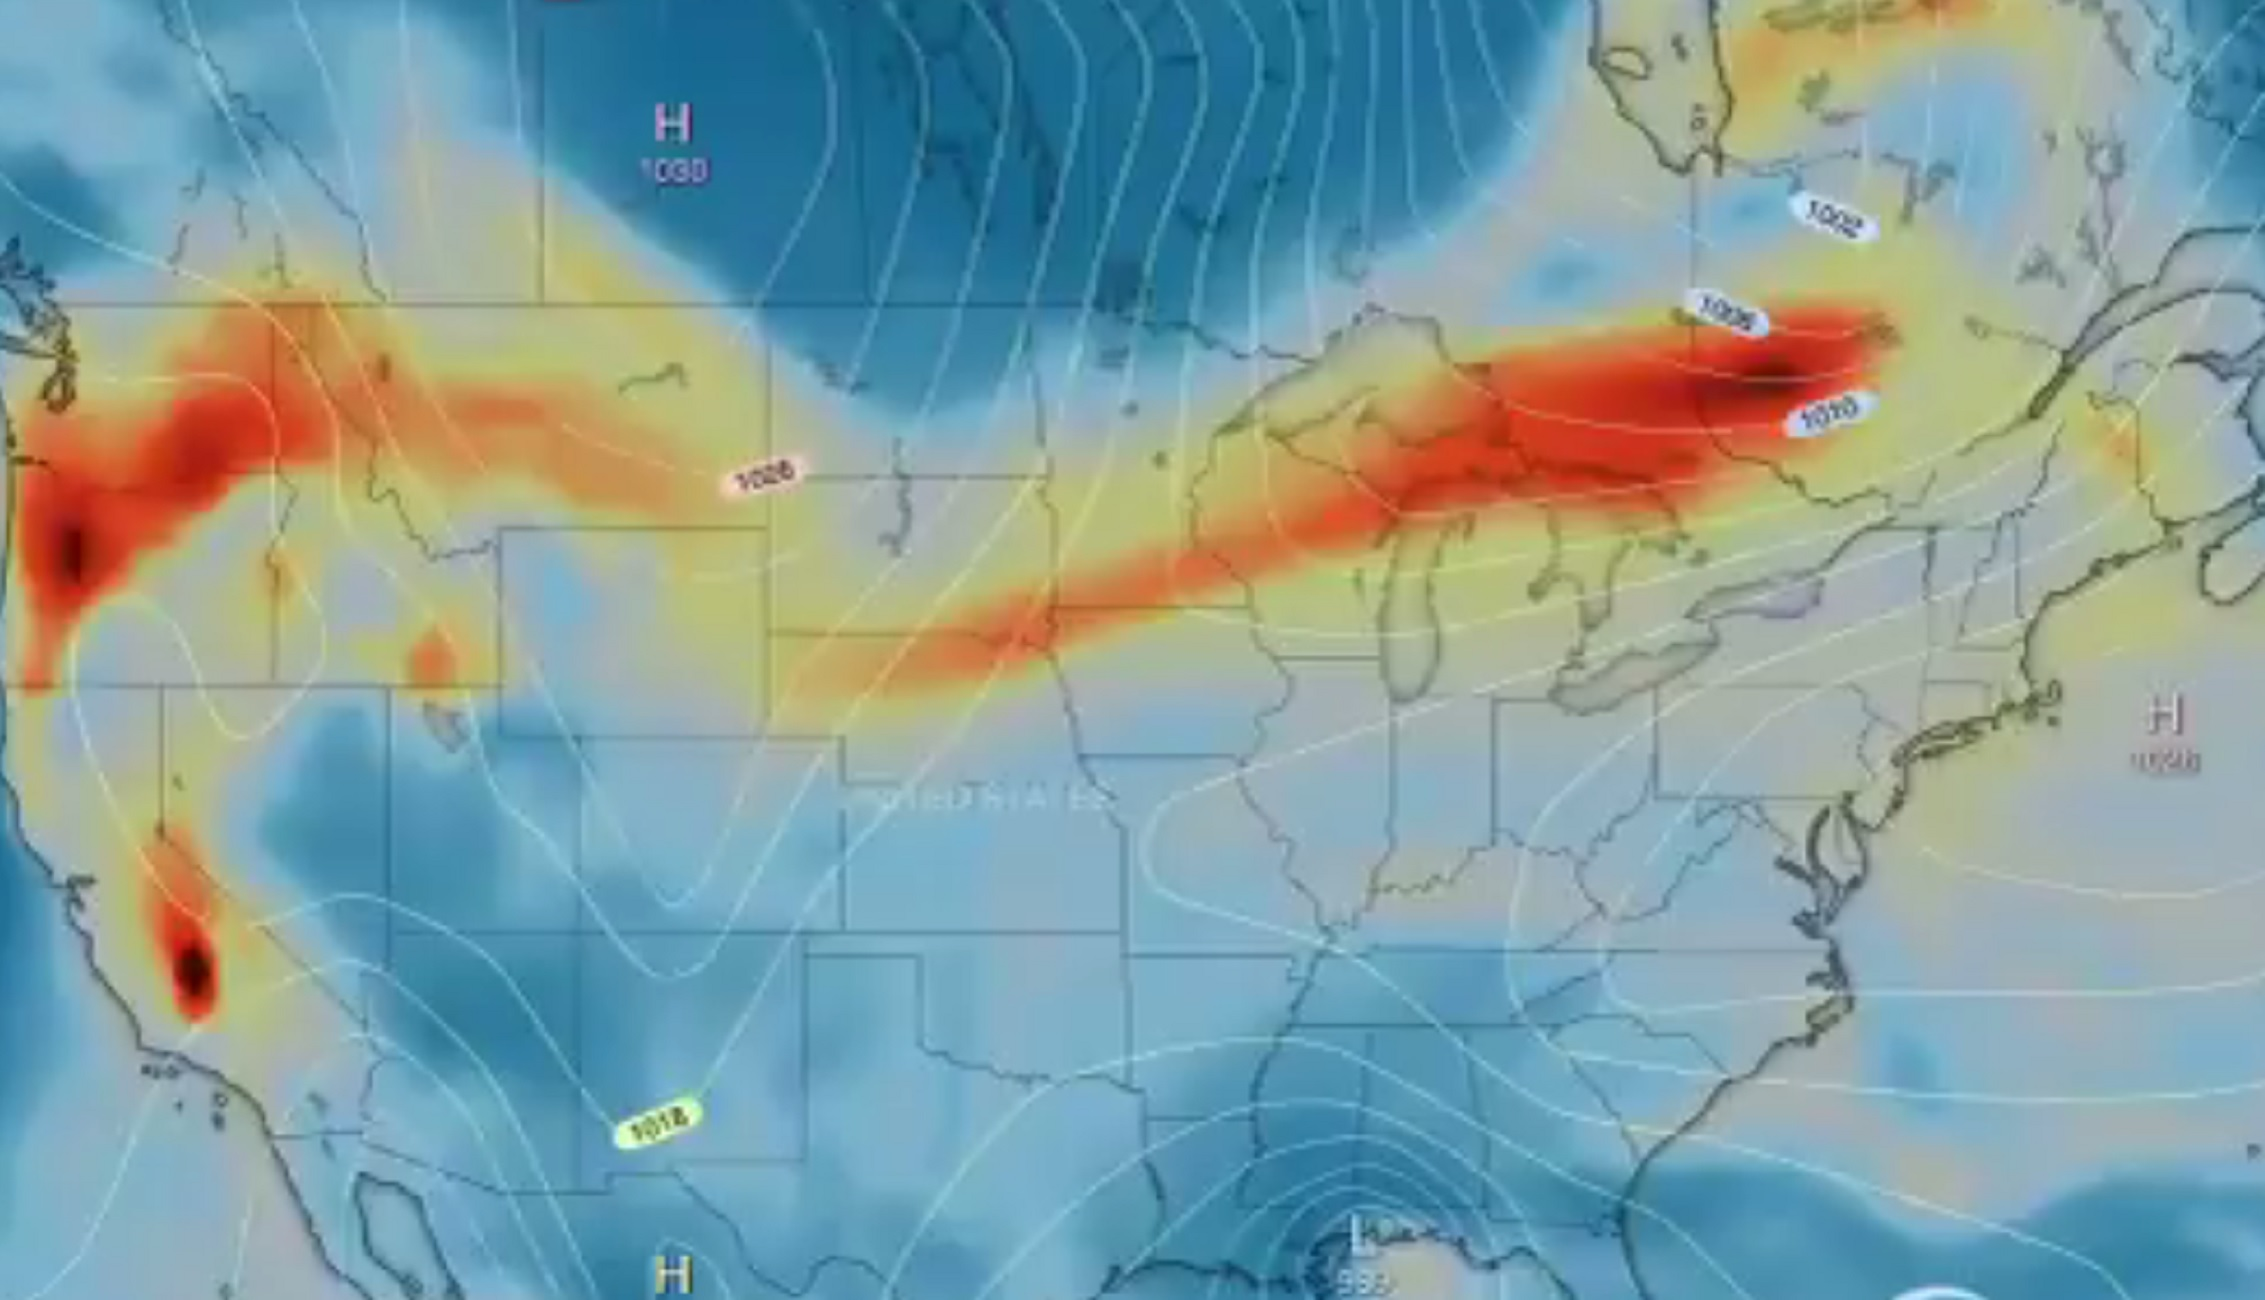 Απίστευτο – Ο καπνός από τις πυρκαγιές στις ΗΠΑ έφτασε στην Ευρώπη